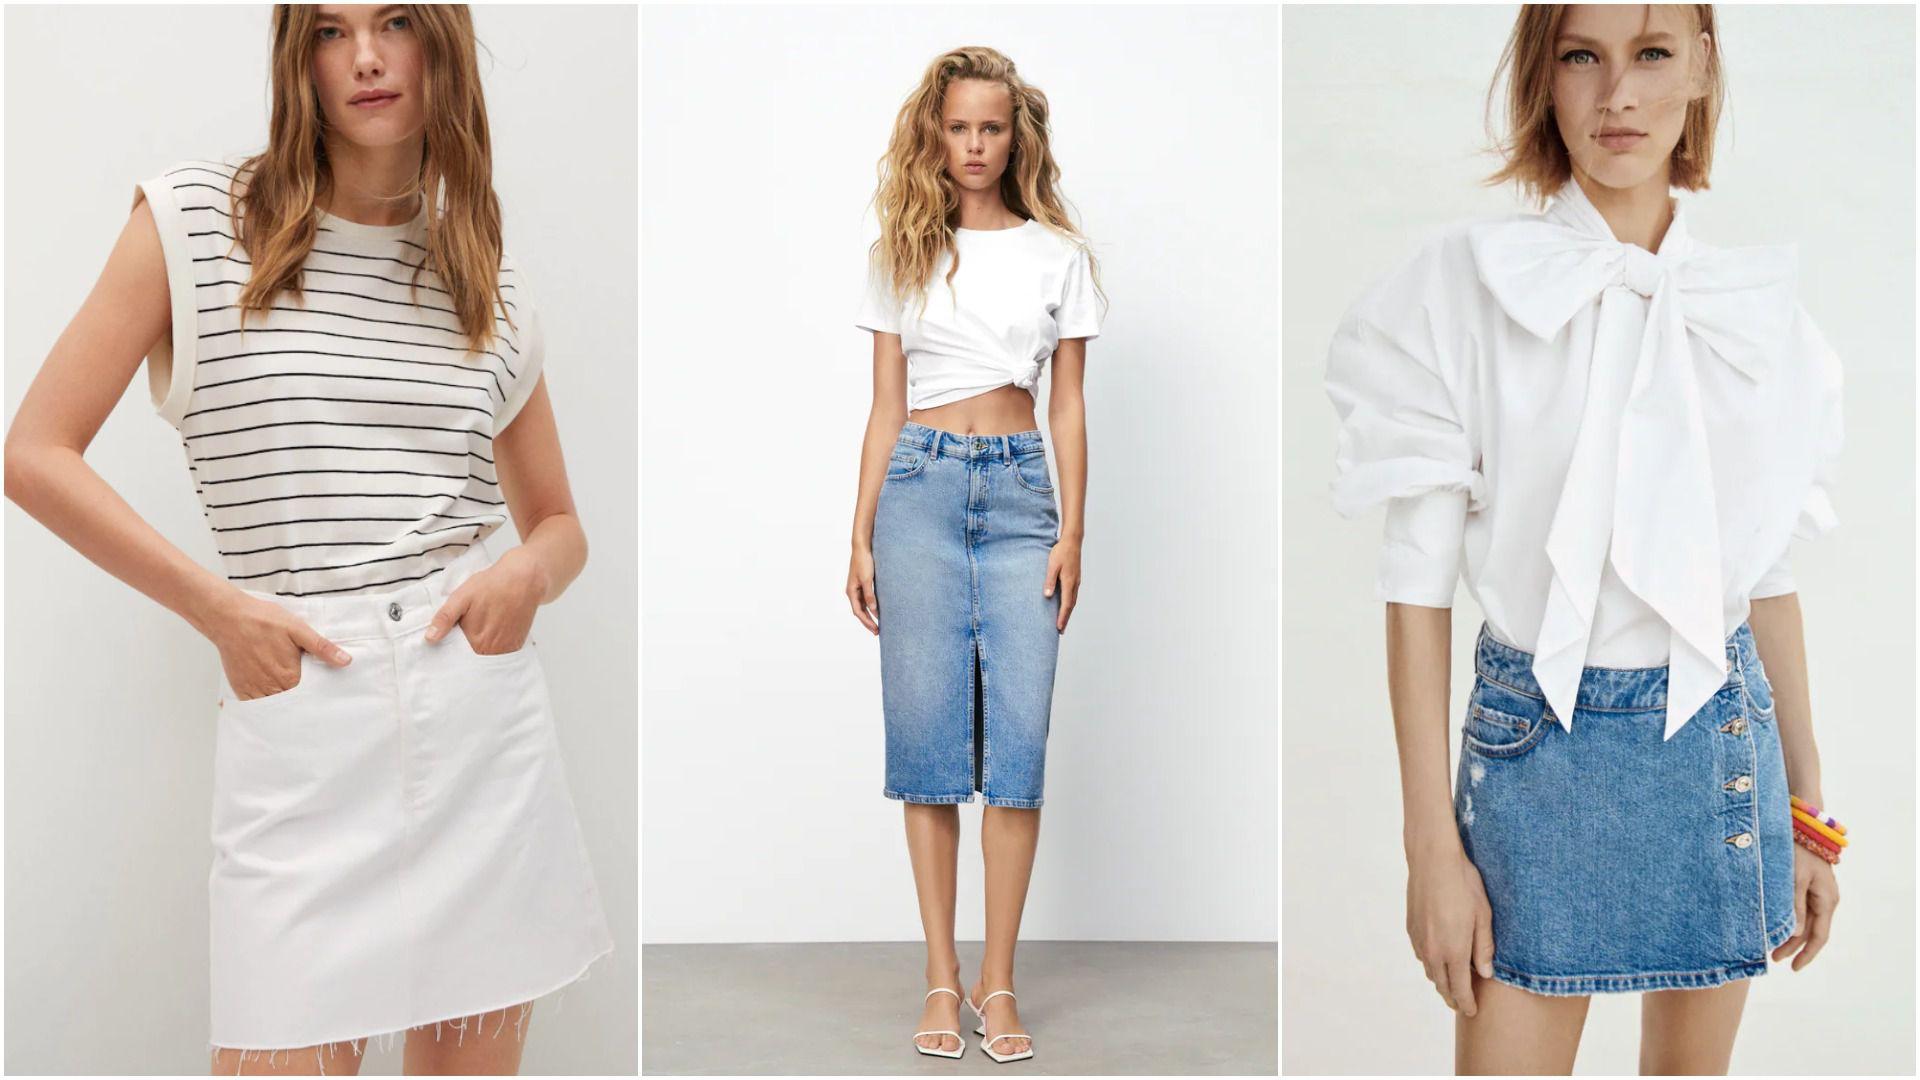 Traper suknja komad je koji nikad ne izlazi iz mode: Ovo su najbolje od 49,90 kn koje su kao stvorene za ljeto